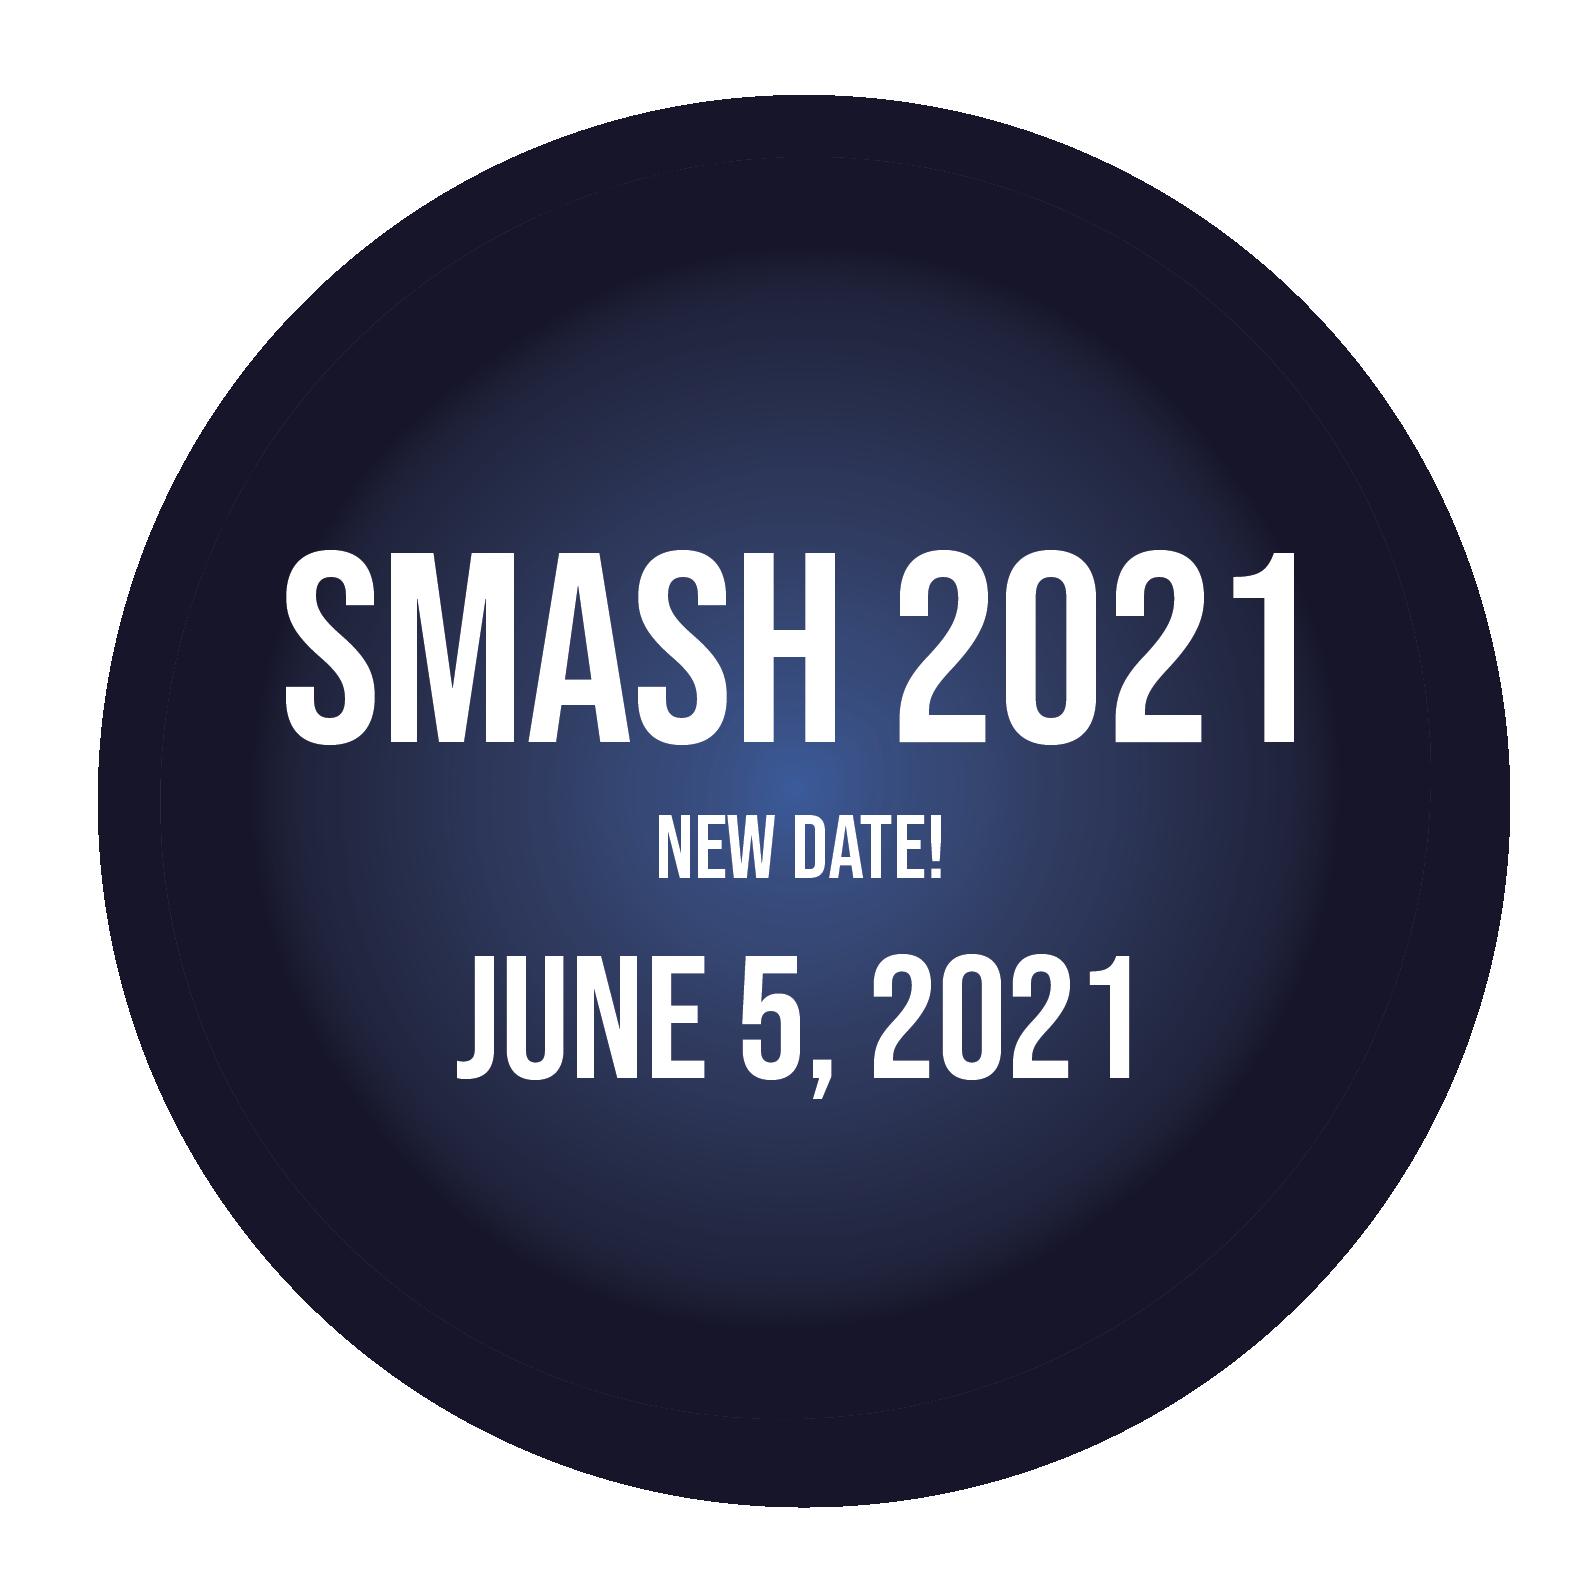 S.M.A.S.H 2021 Image